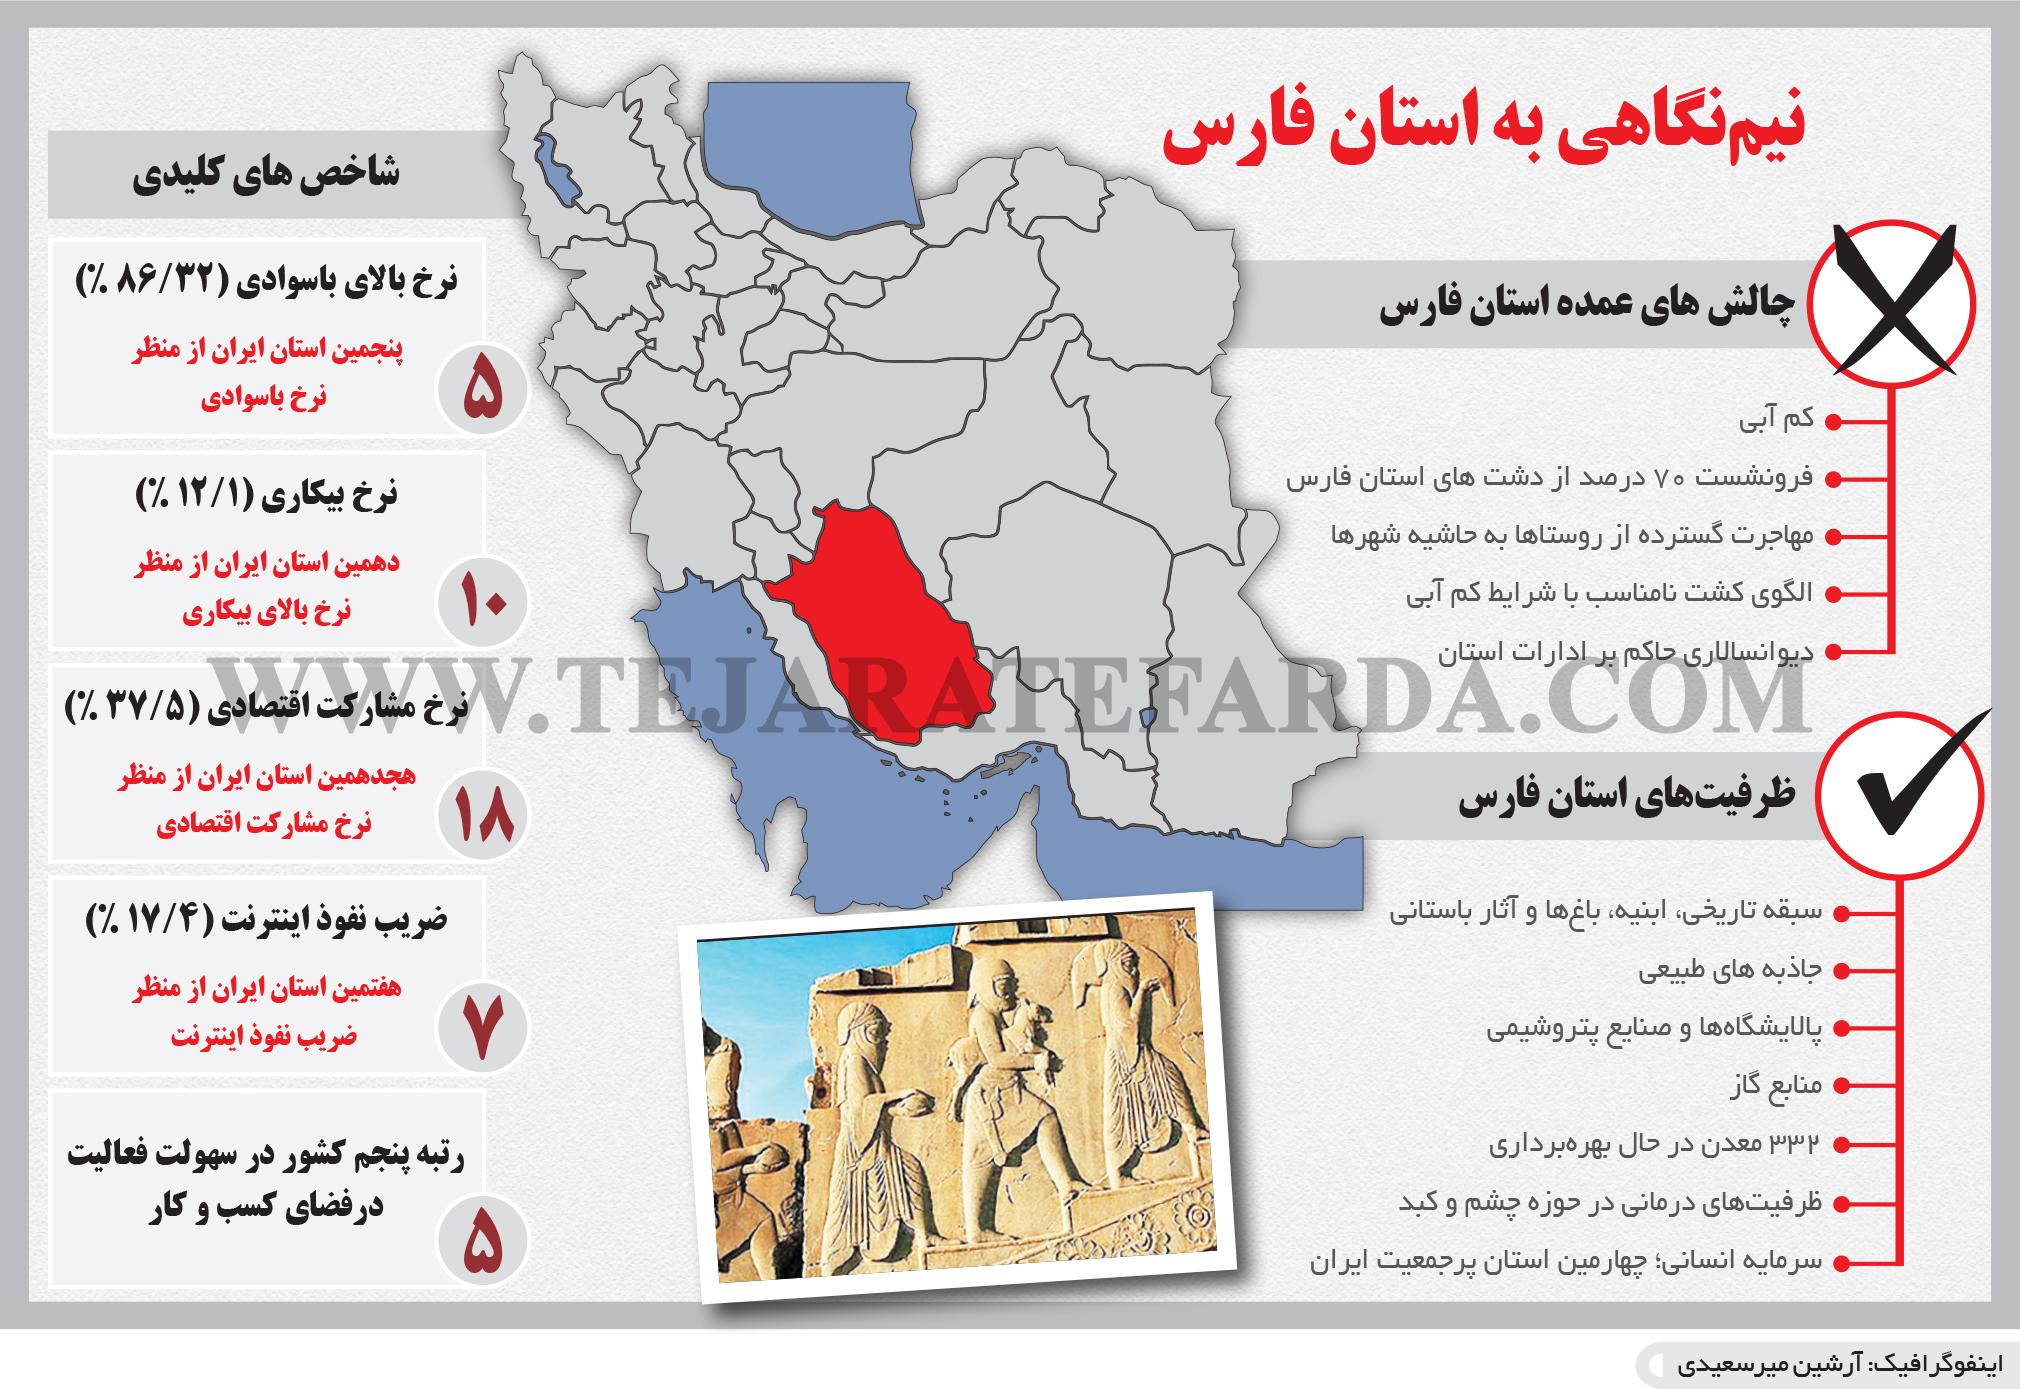 تجارت- فردا- نیمنگاهی به استان فارس (اینفوگرافیک)